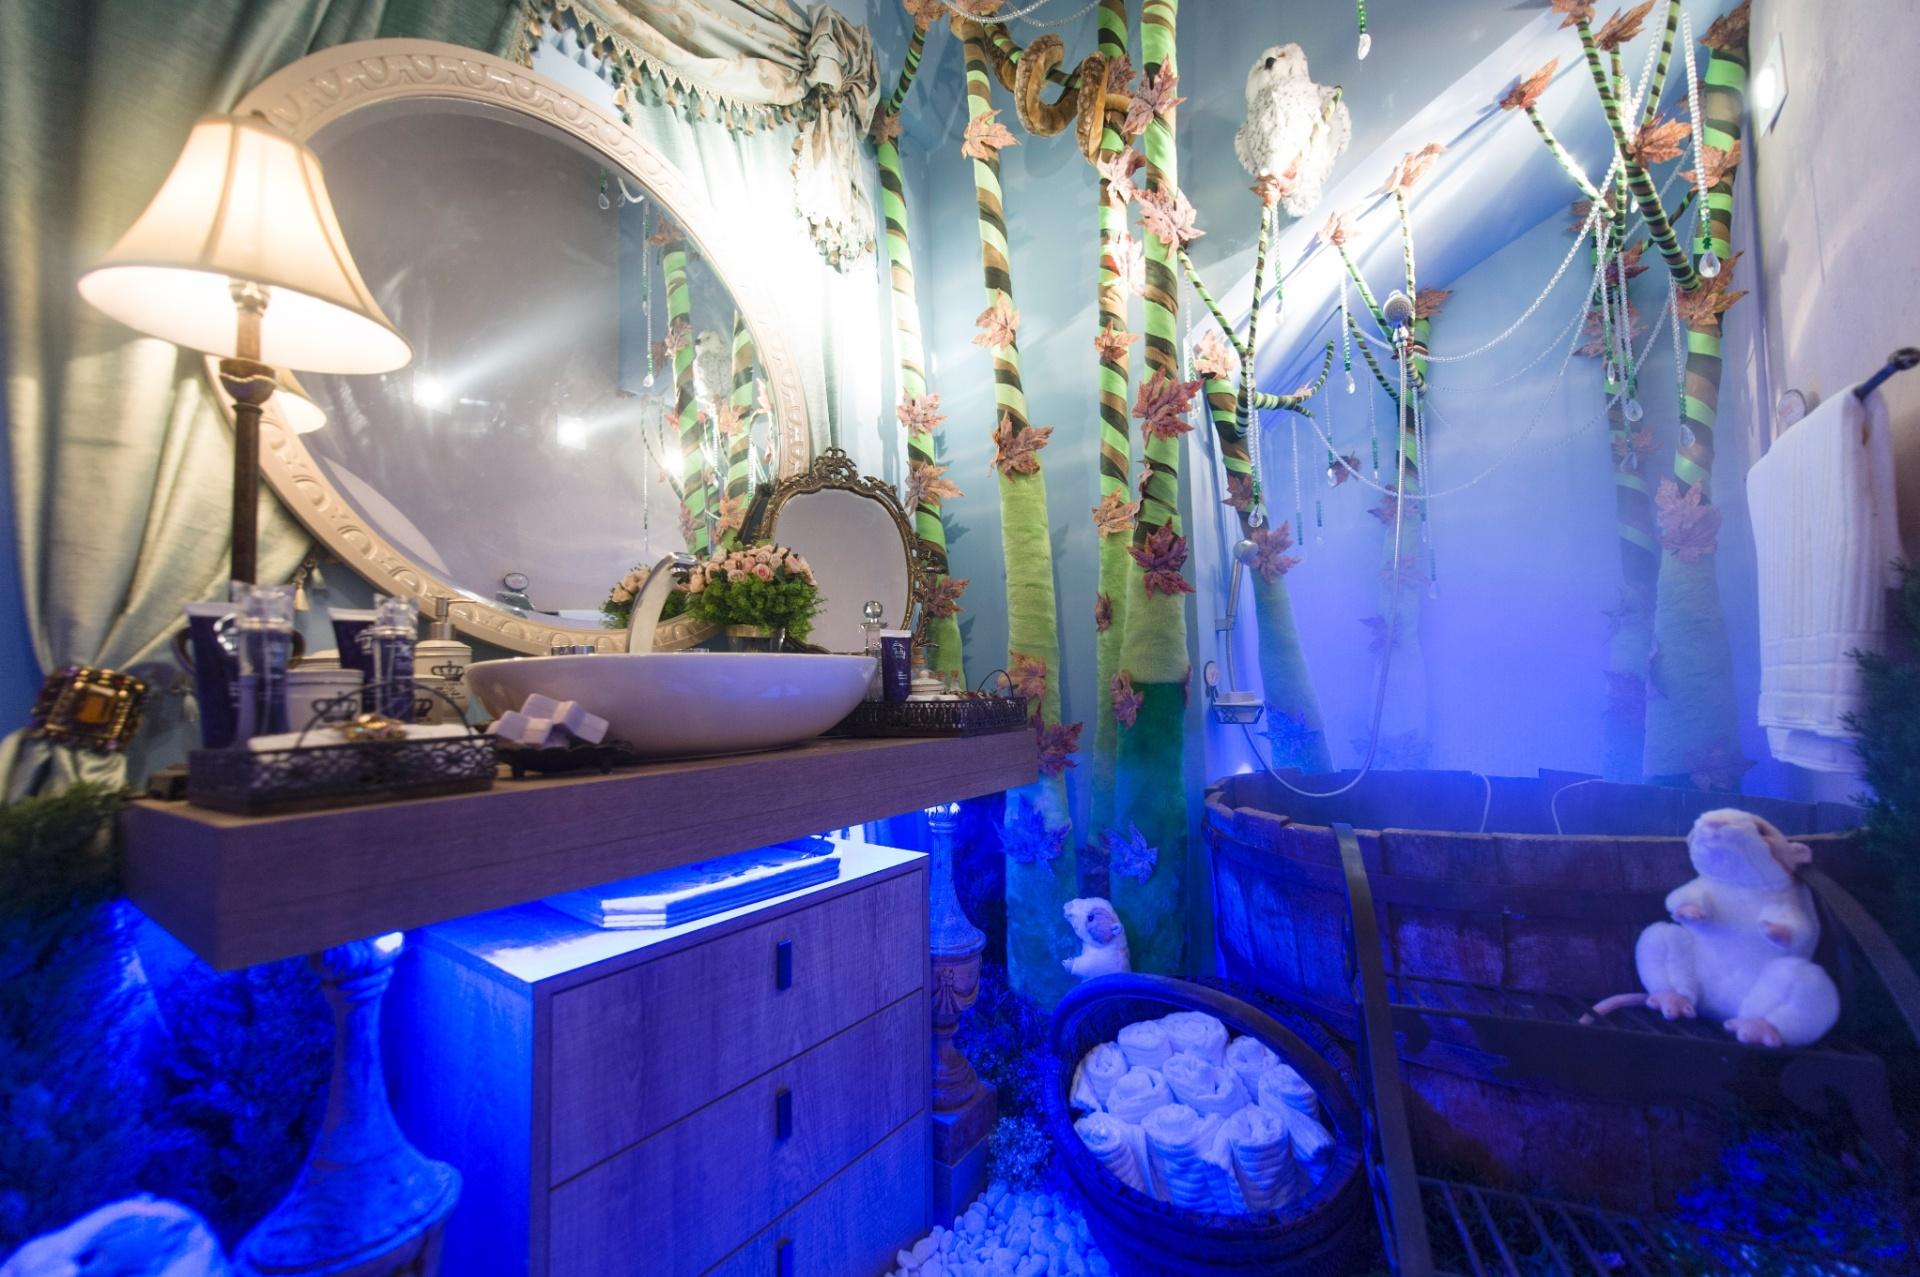 #1122BA da arquiteta Cristiane Schiavoni fundiu dois pequenos banheiros  1920x1277 px Banheiro Ofuro 2701